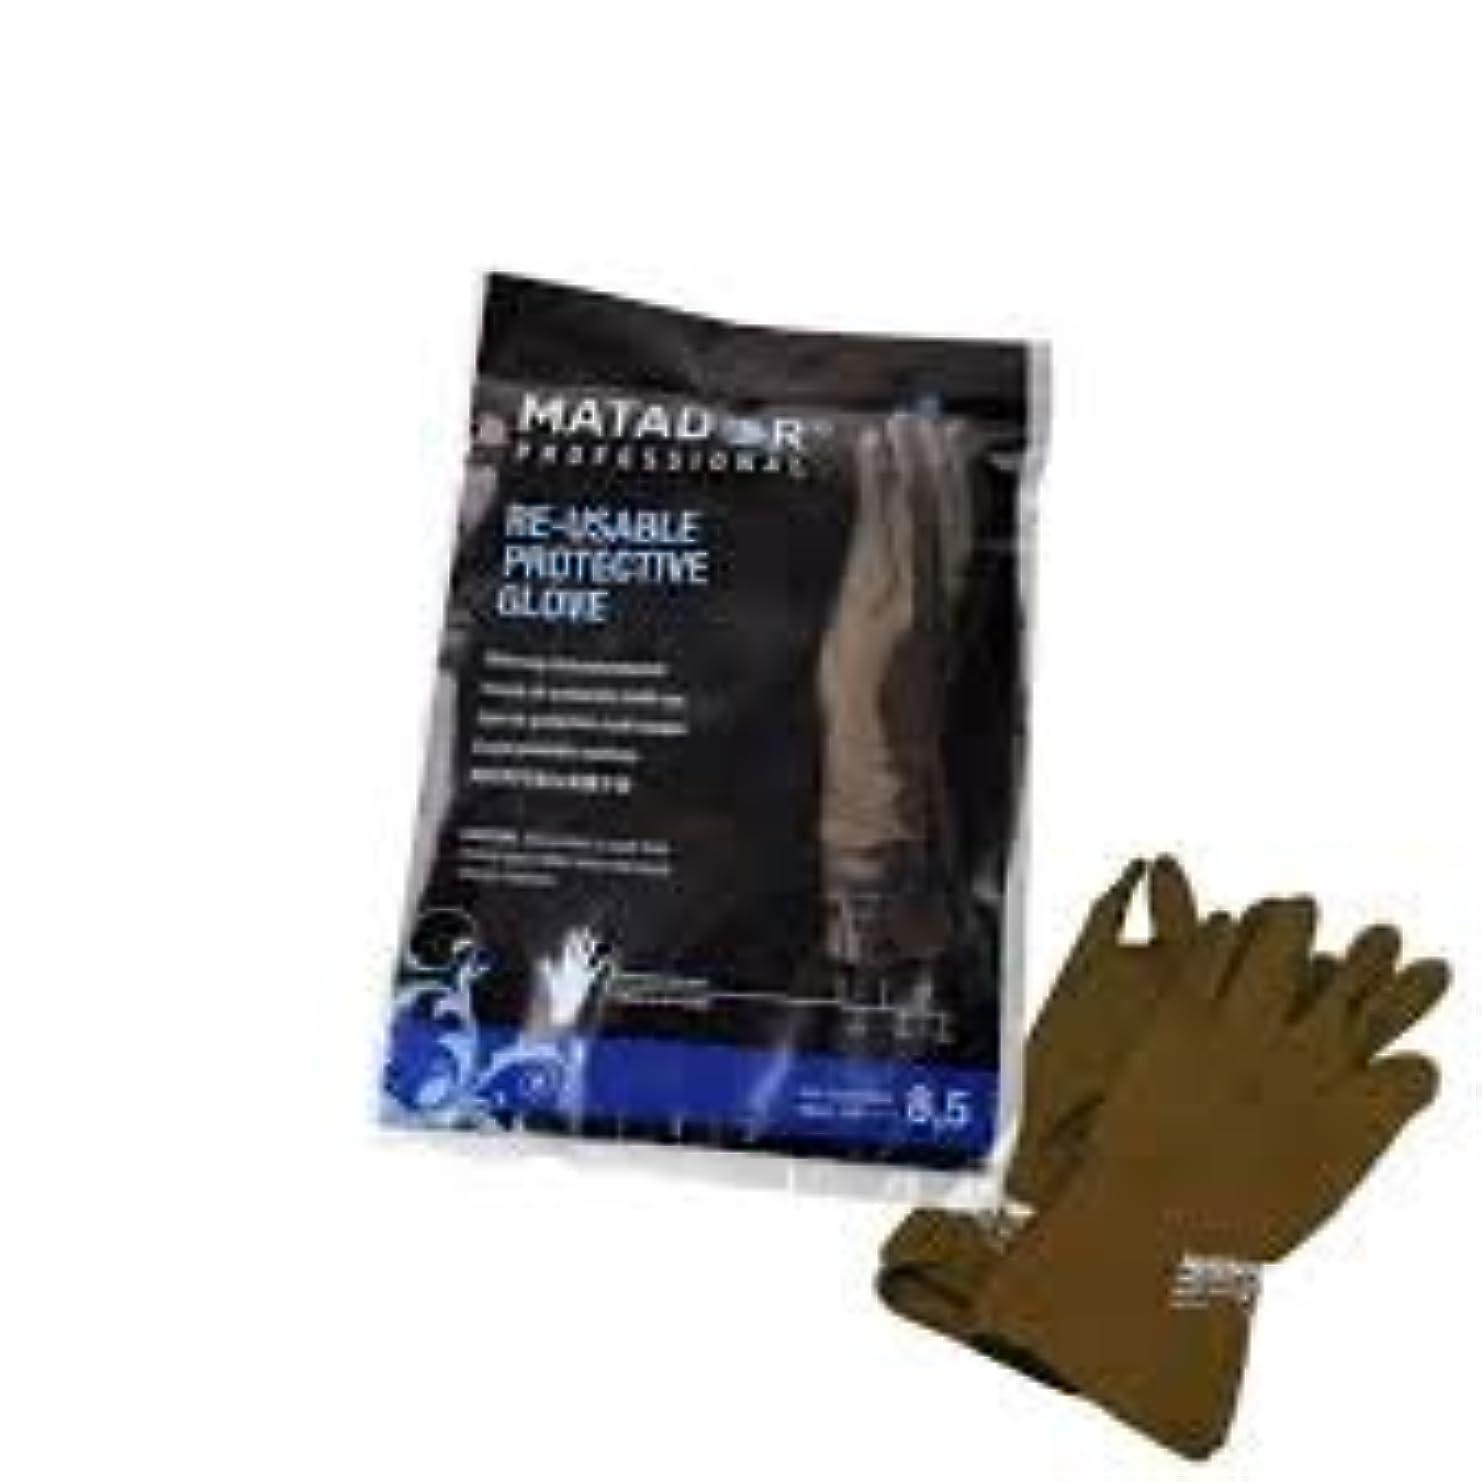 ダースチャンバーガイドマタドールゴム手袋 8.5吋 【10個セット】